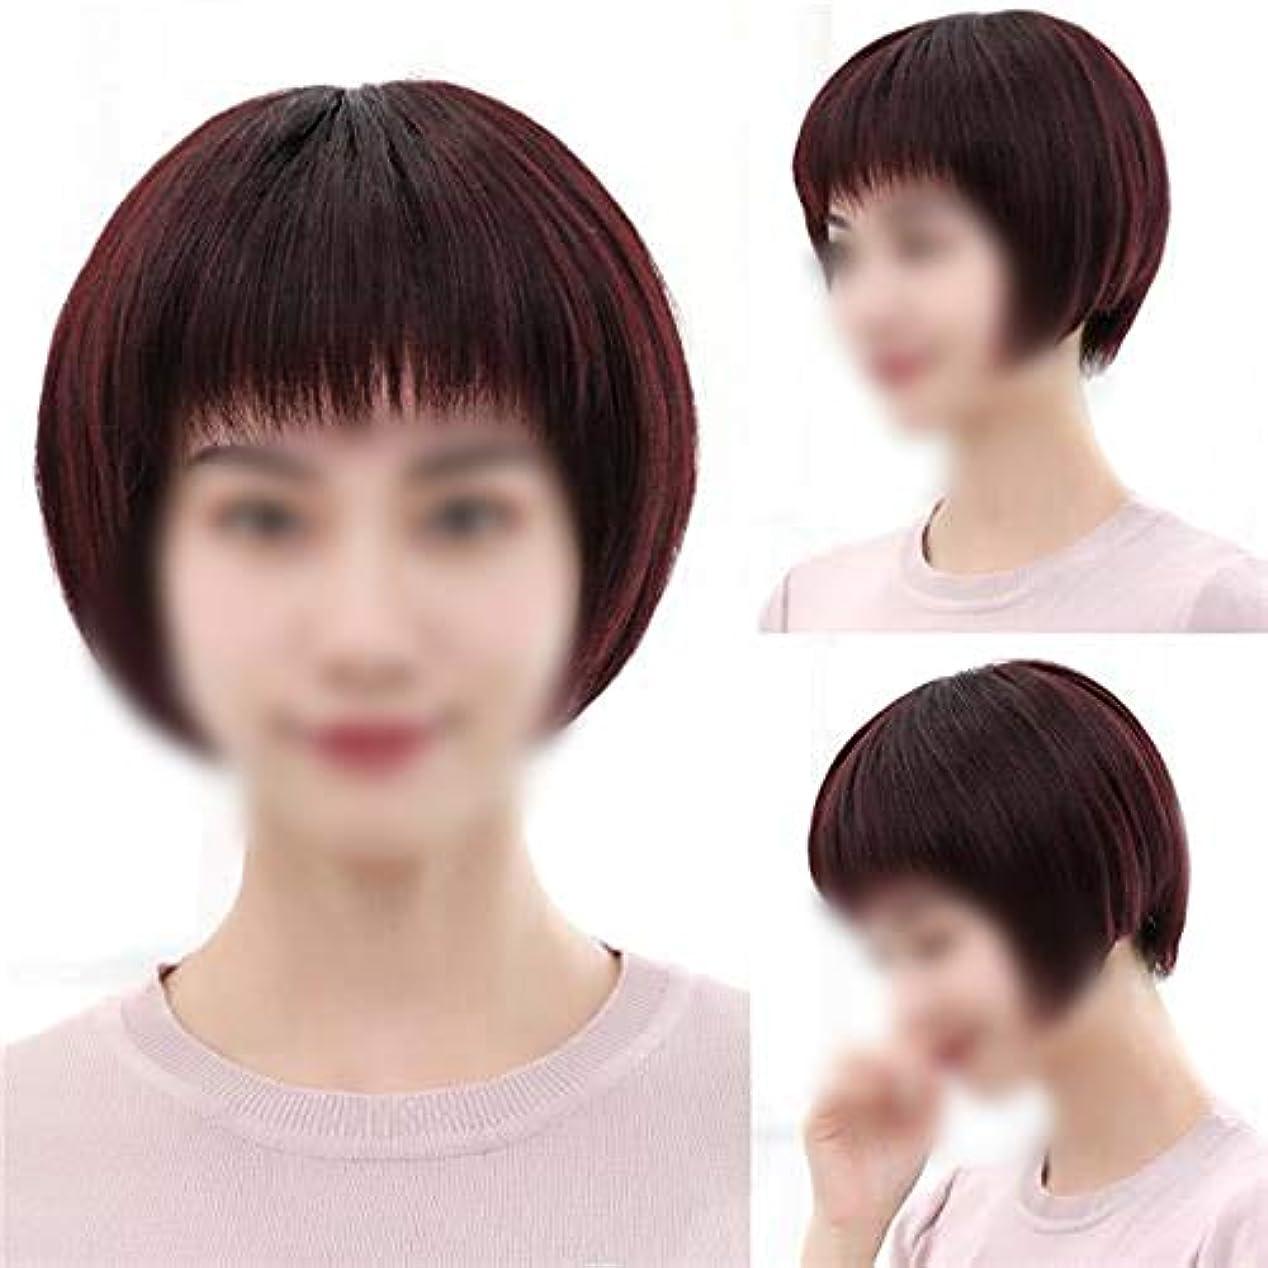 配当簡単にリハーサルYOUQIU 女性の中年ウィッグウィッグボブショートストレート髪のフルハンド織実ヘアウィッグ (色 : Dark brown)